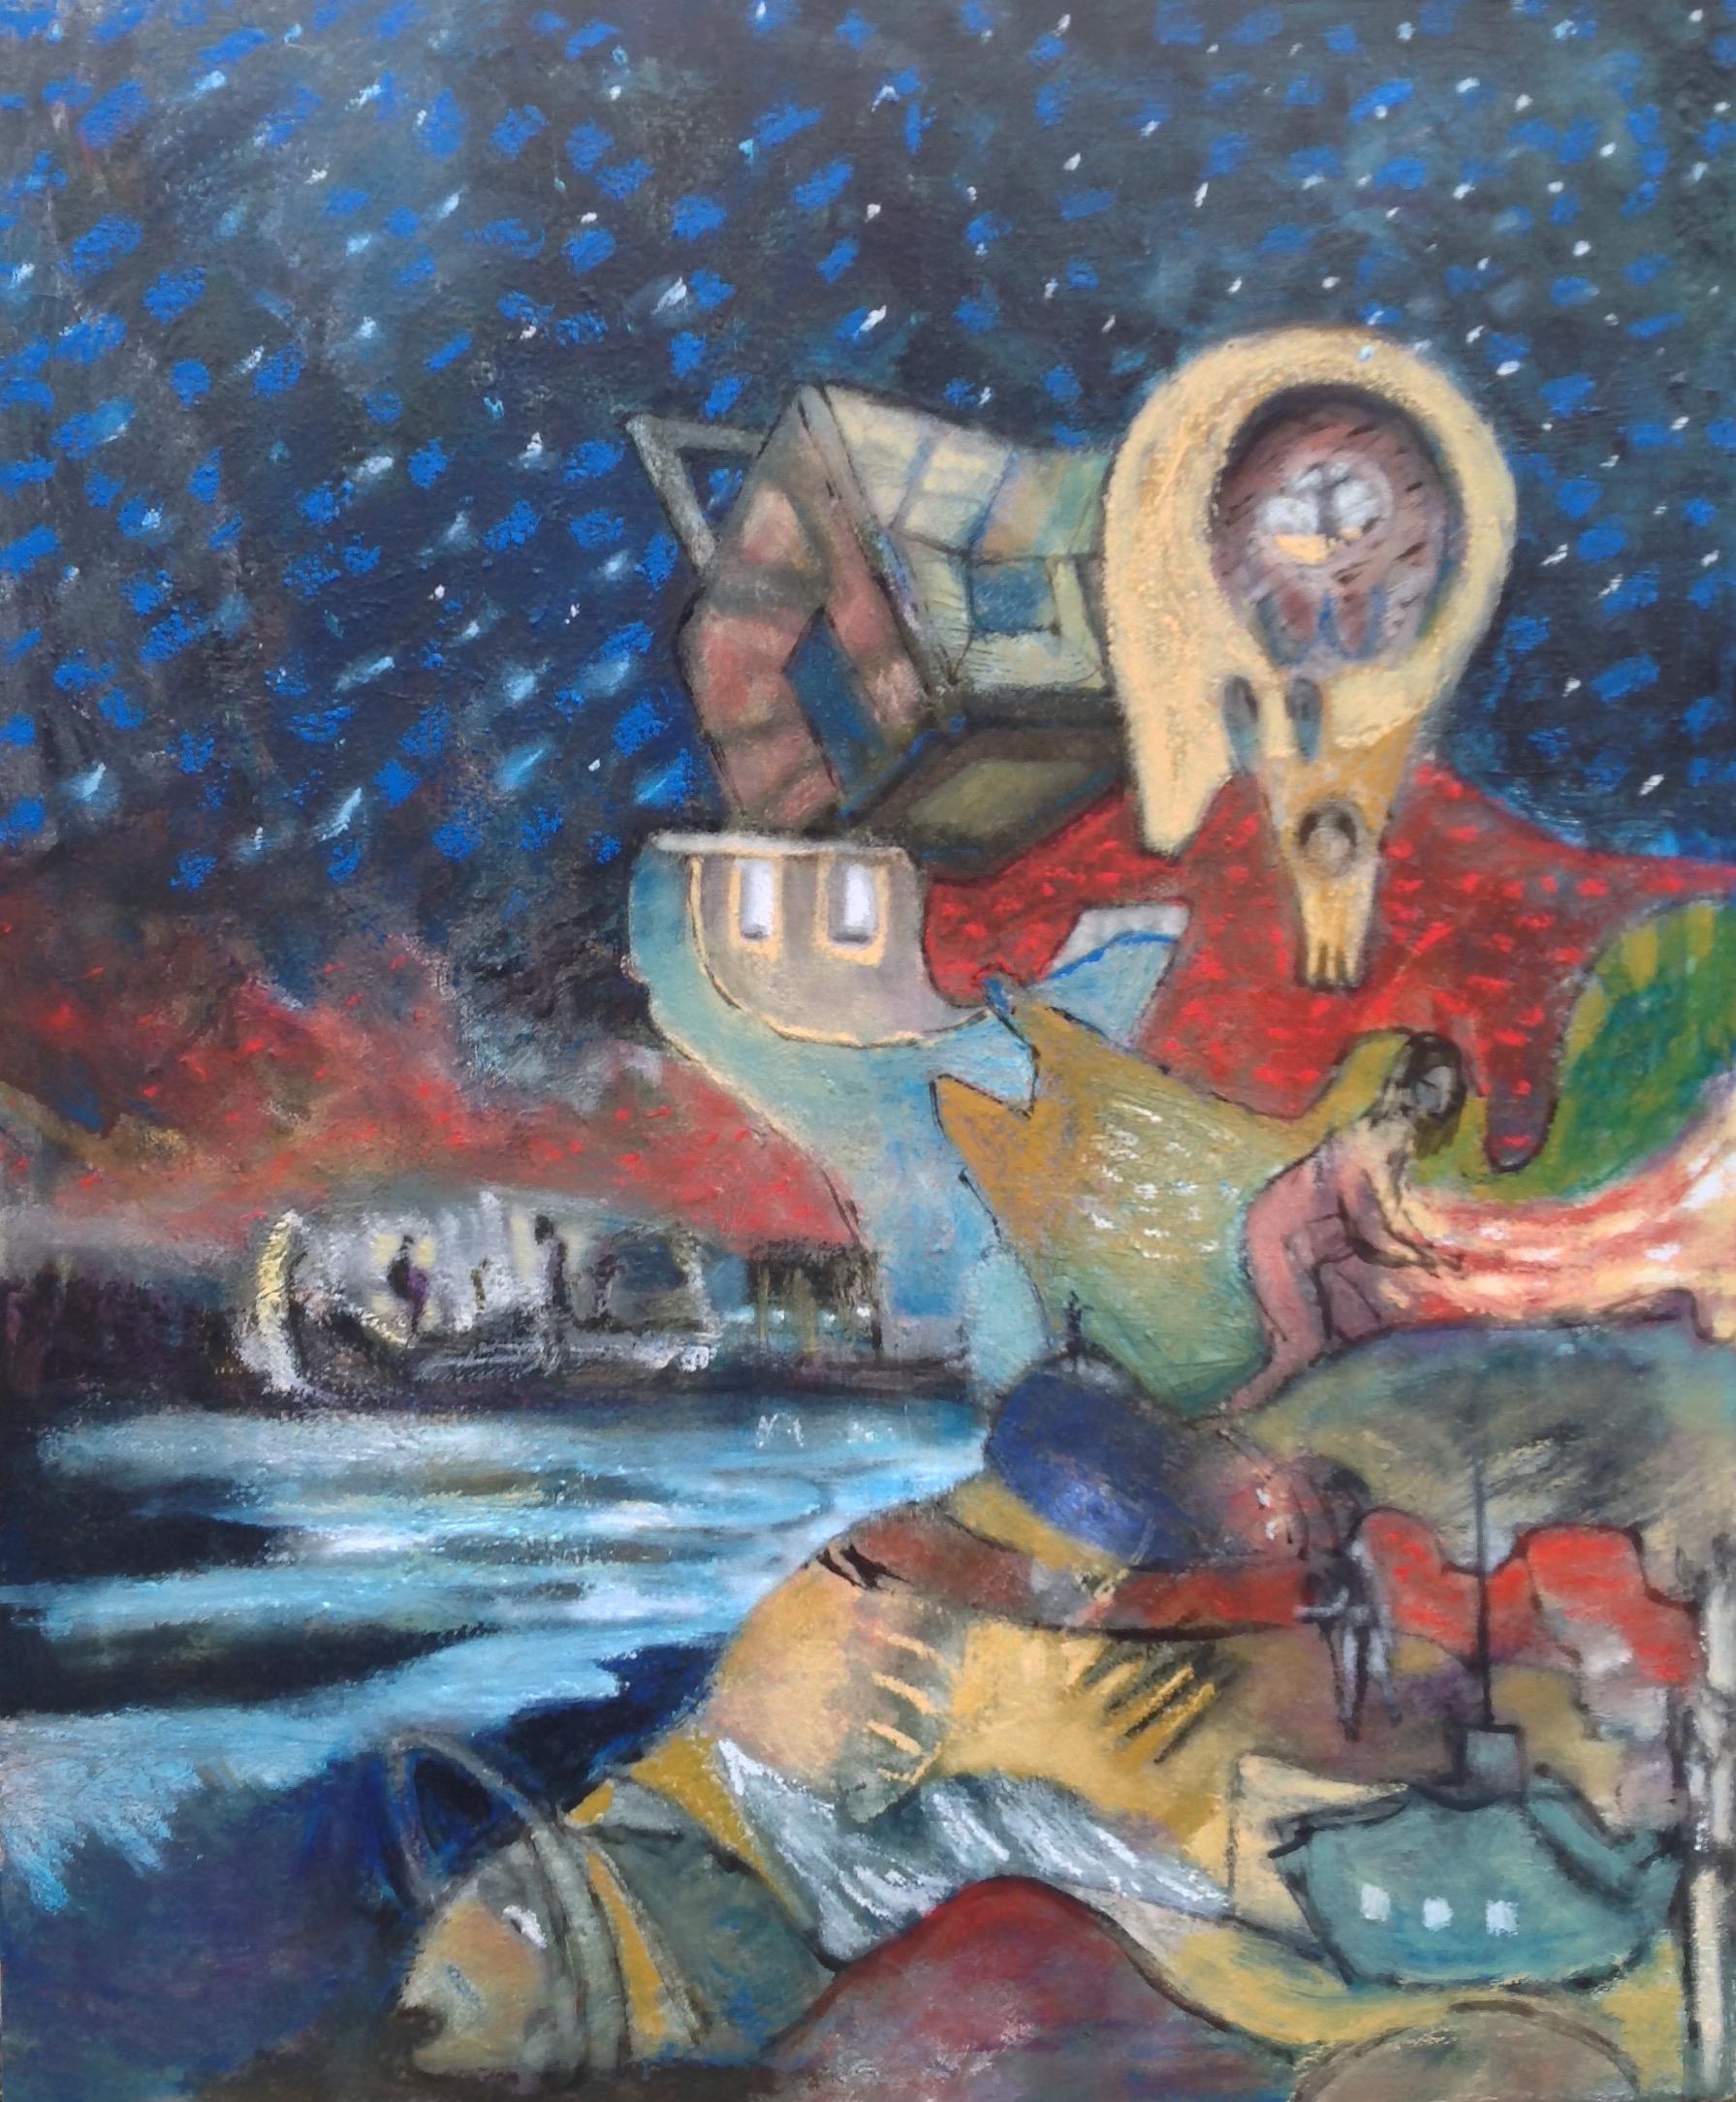 Interstellar, oil on canvas, 110x90cm